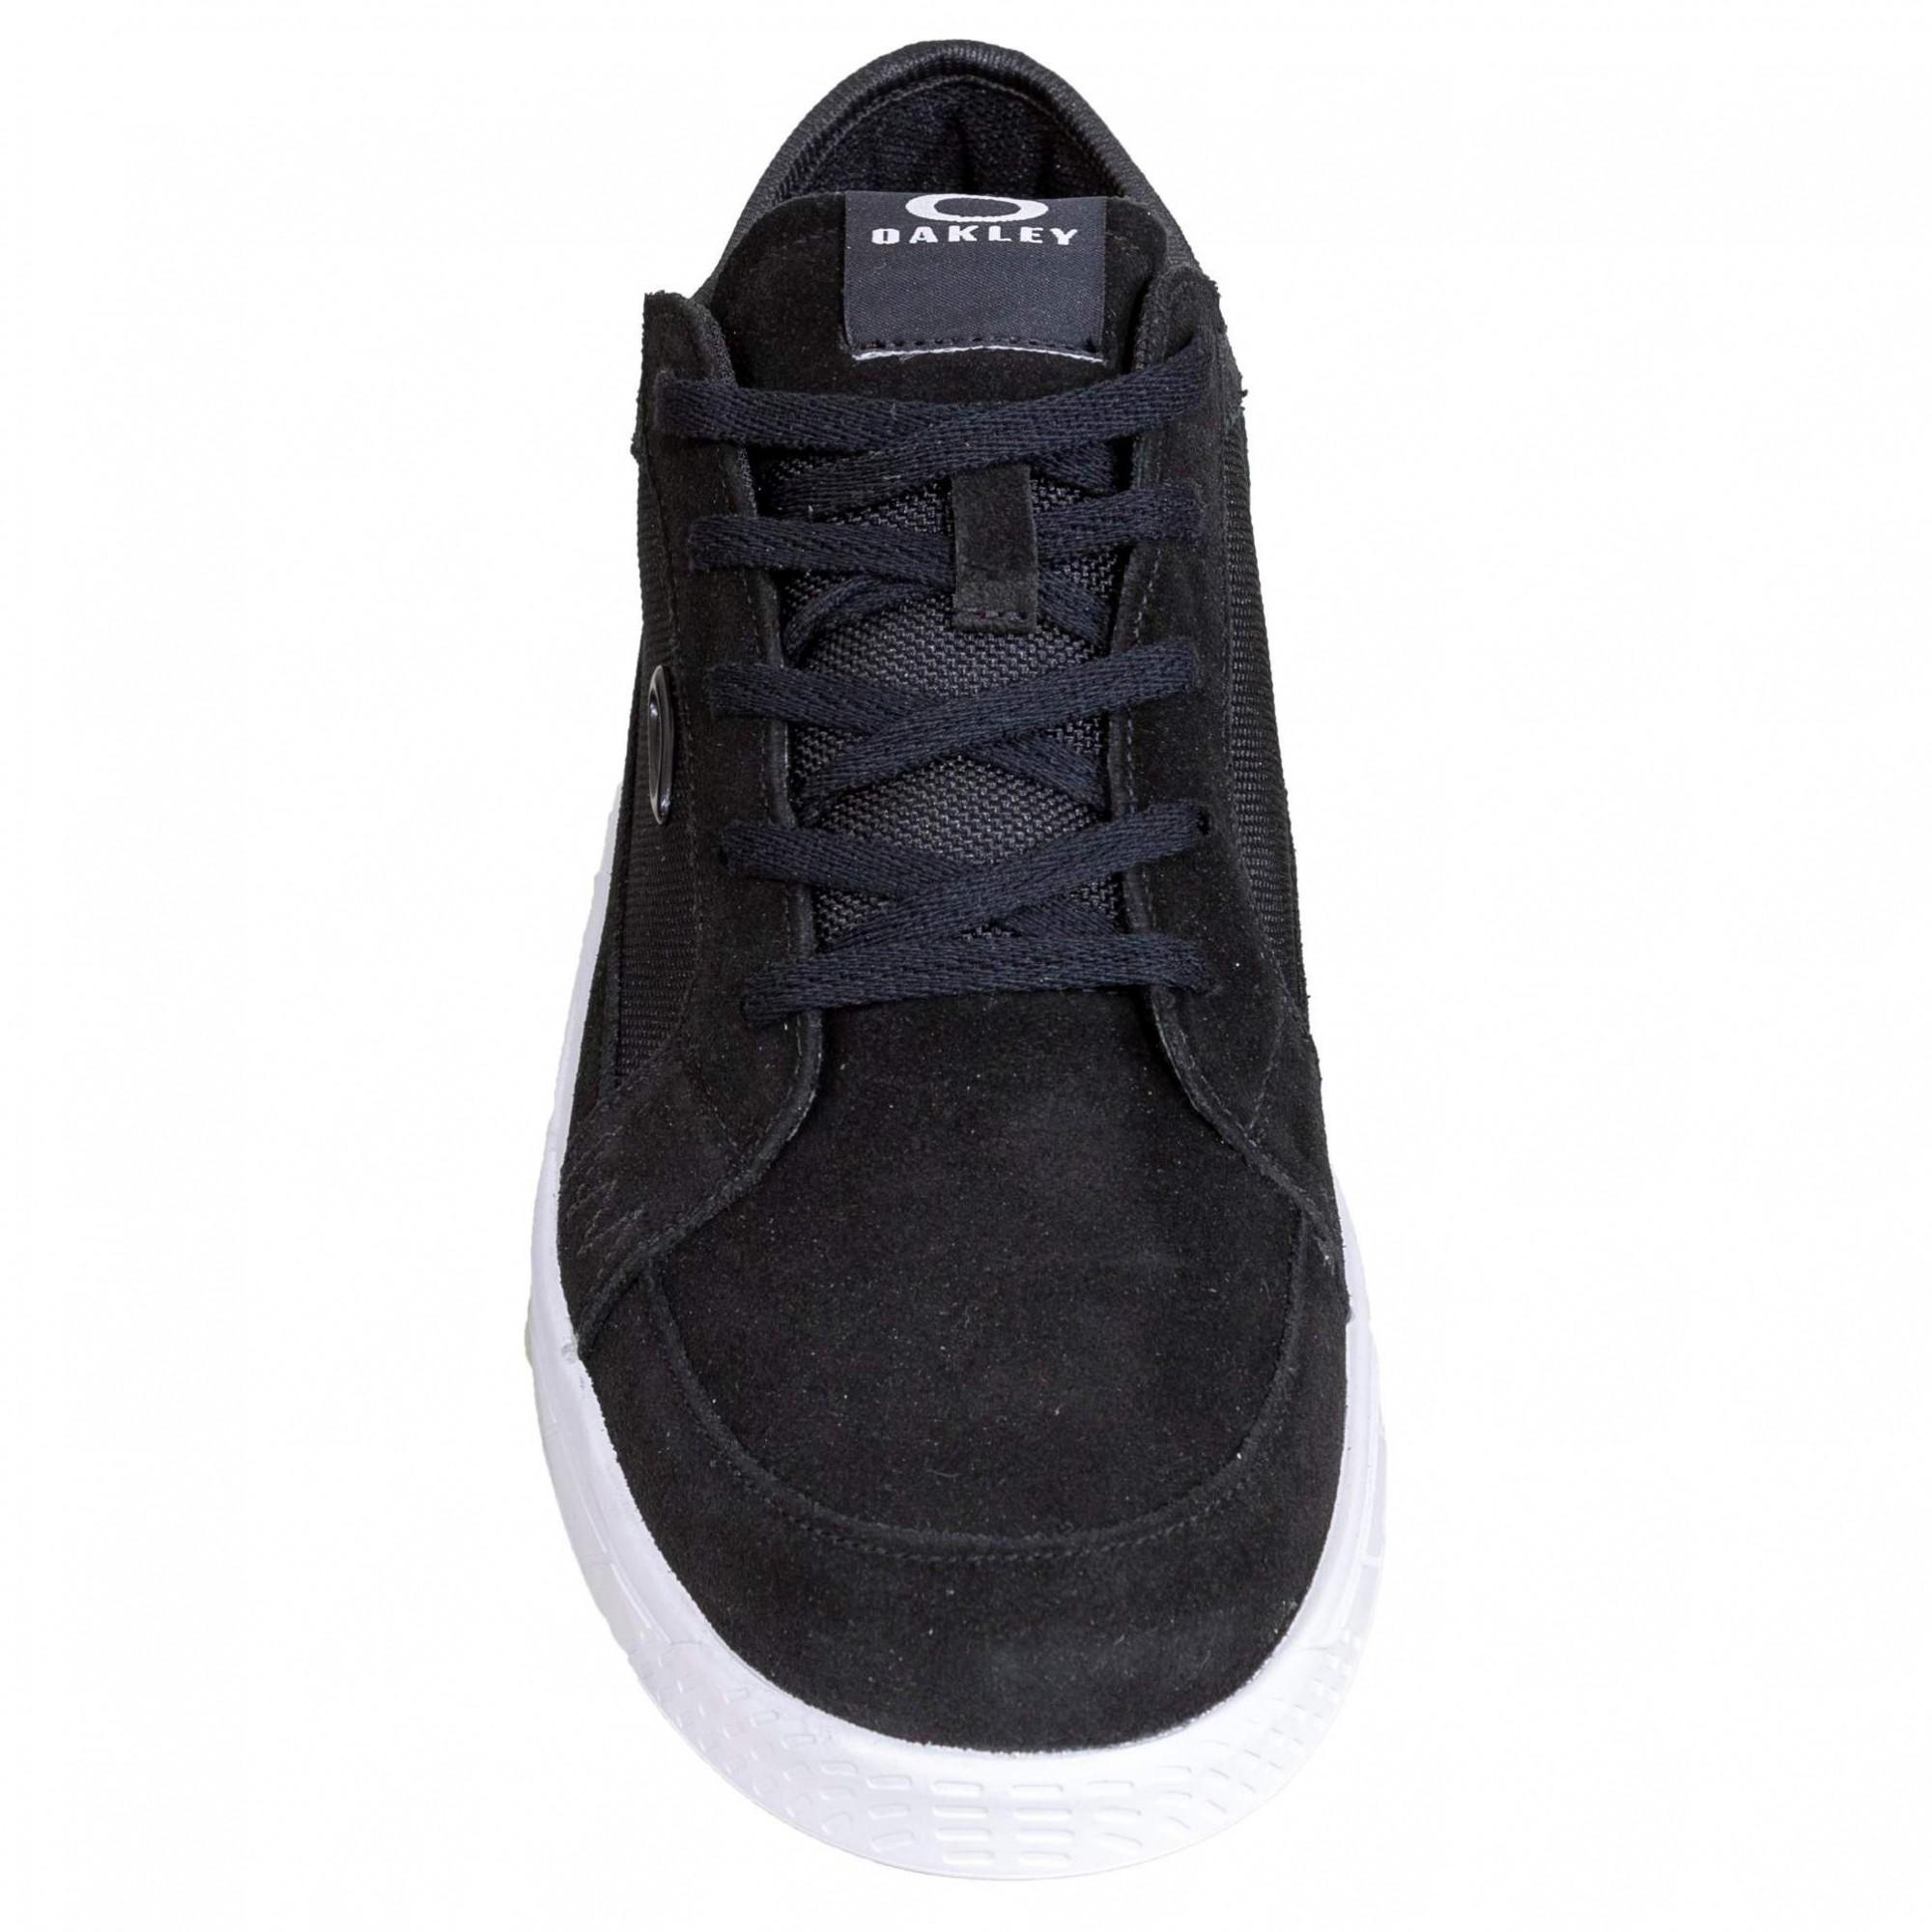 Tênis Oakley Westcliff 2.0 Black